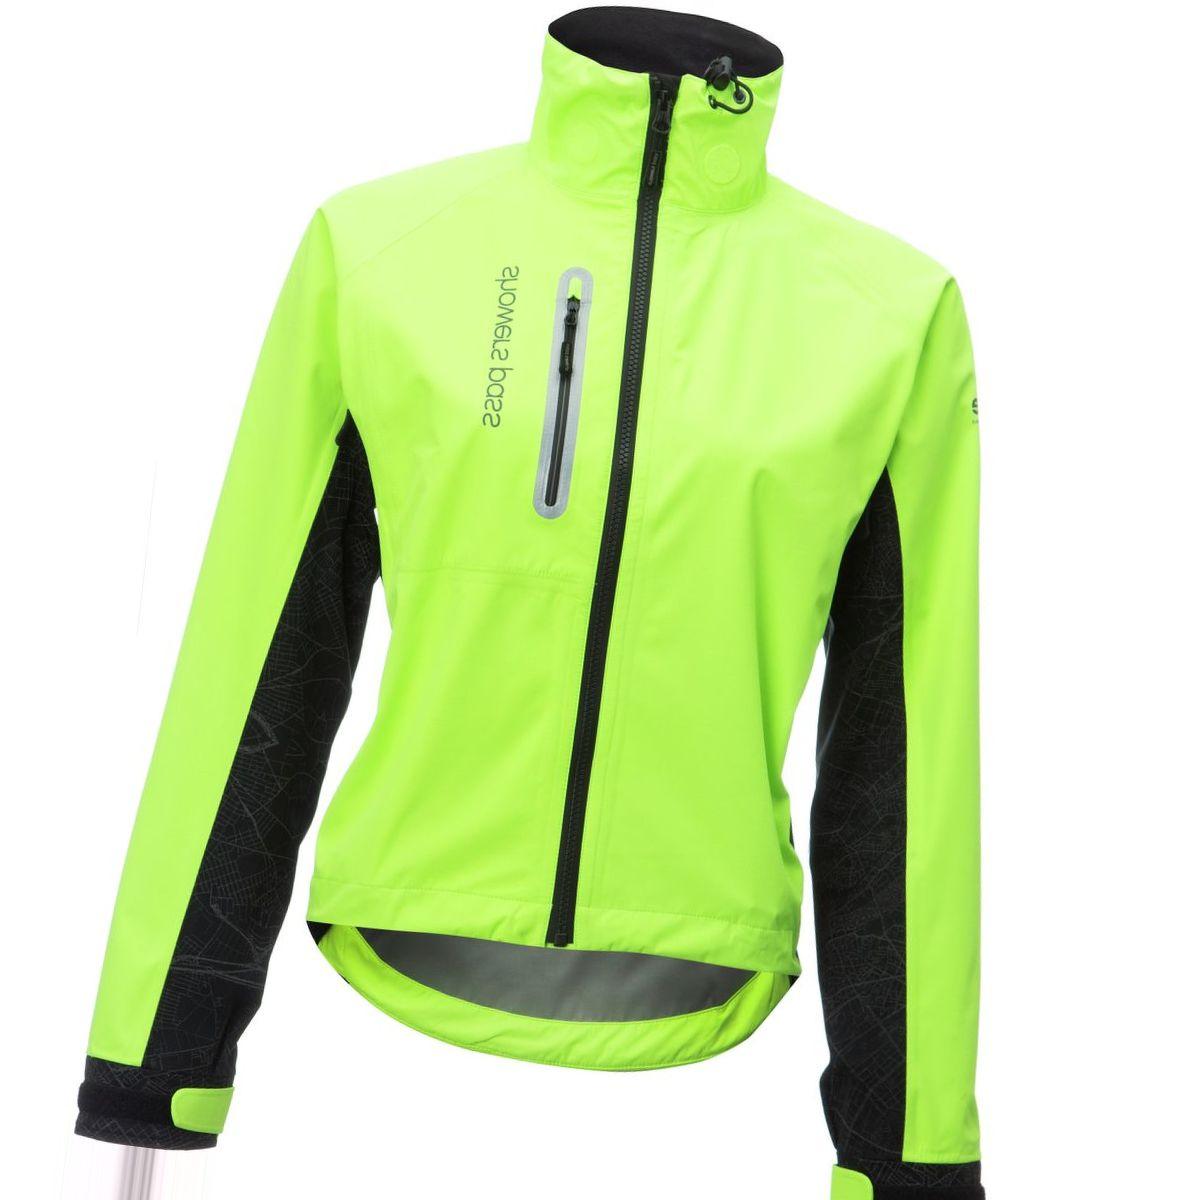 Showers Pass Hi Vis Elite Jacket - Women's